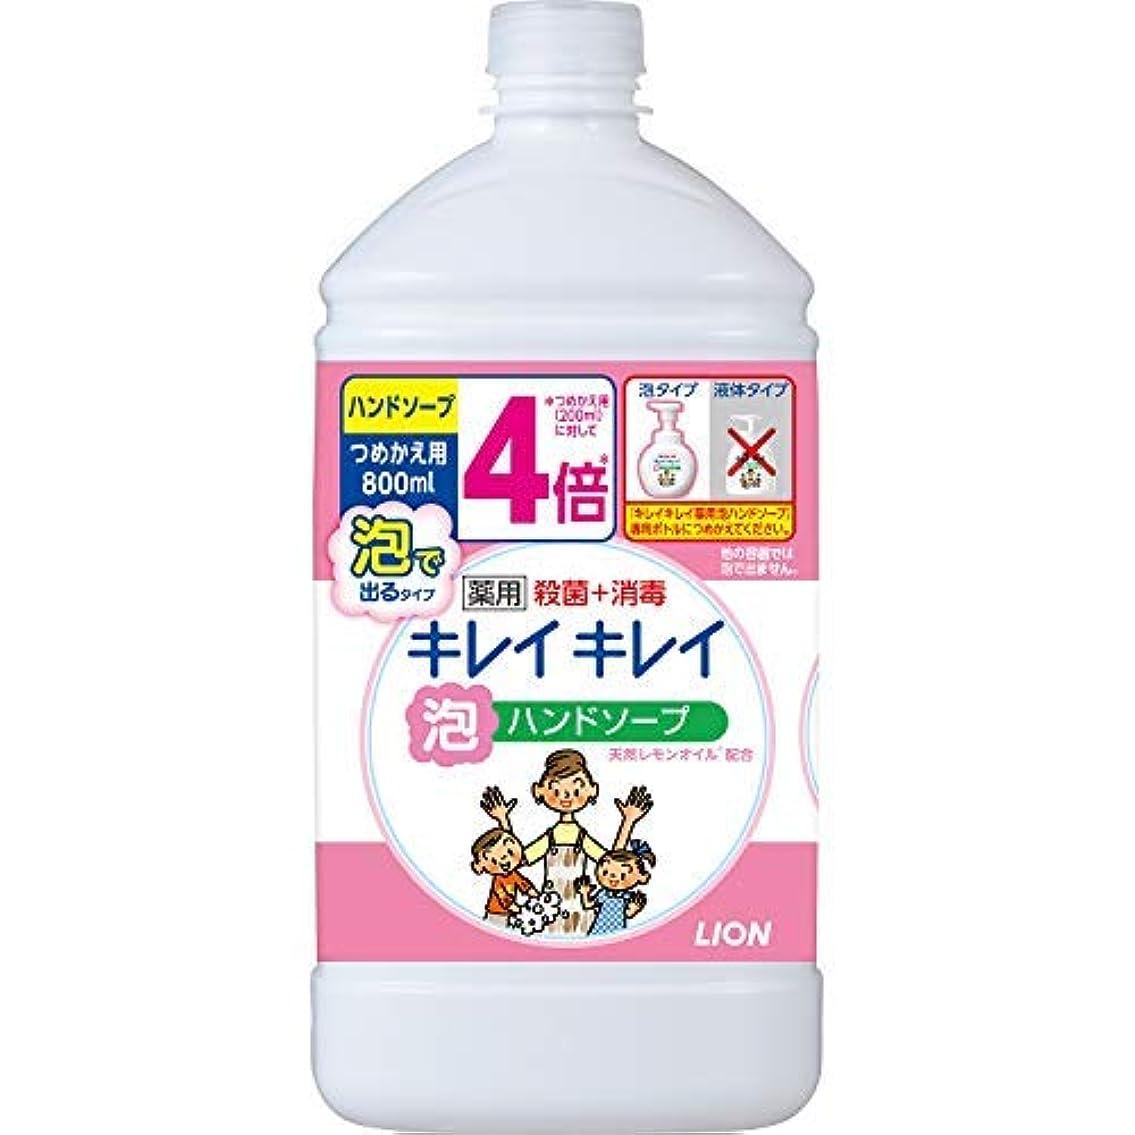 消化器屋内奨励キレイキレイ 薬用泡ハンドソープ つめかえ用特大サイズ シトラスフルーティ × 3個セット